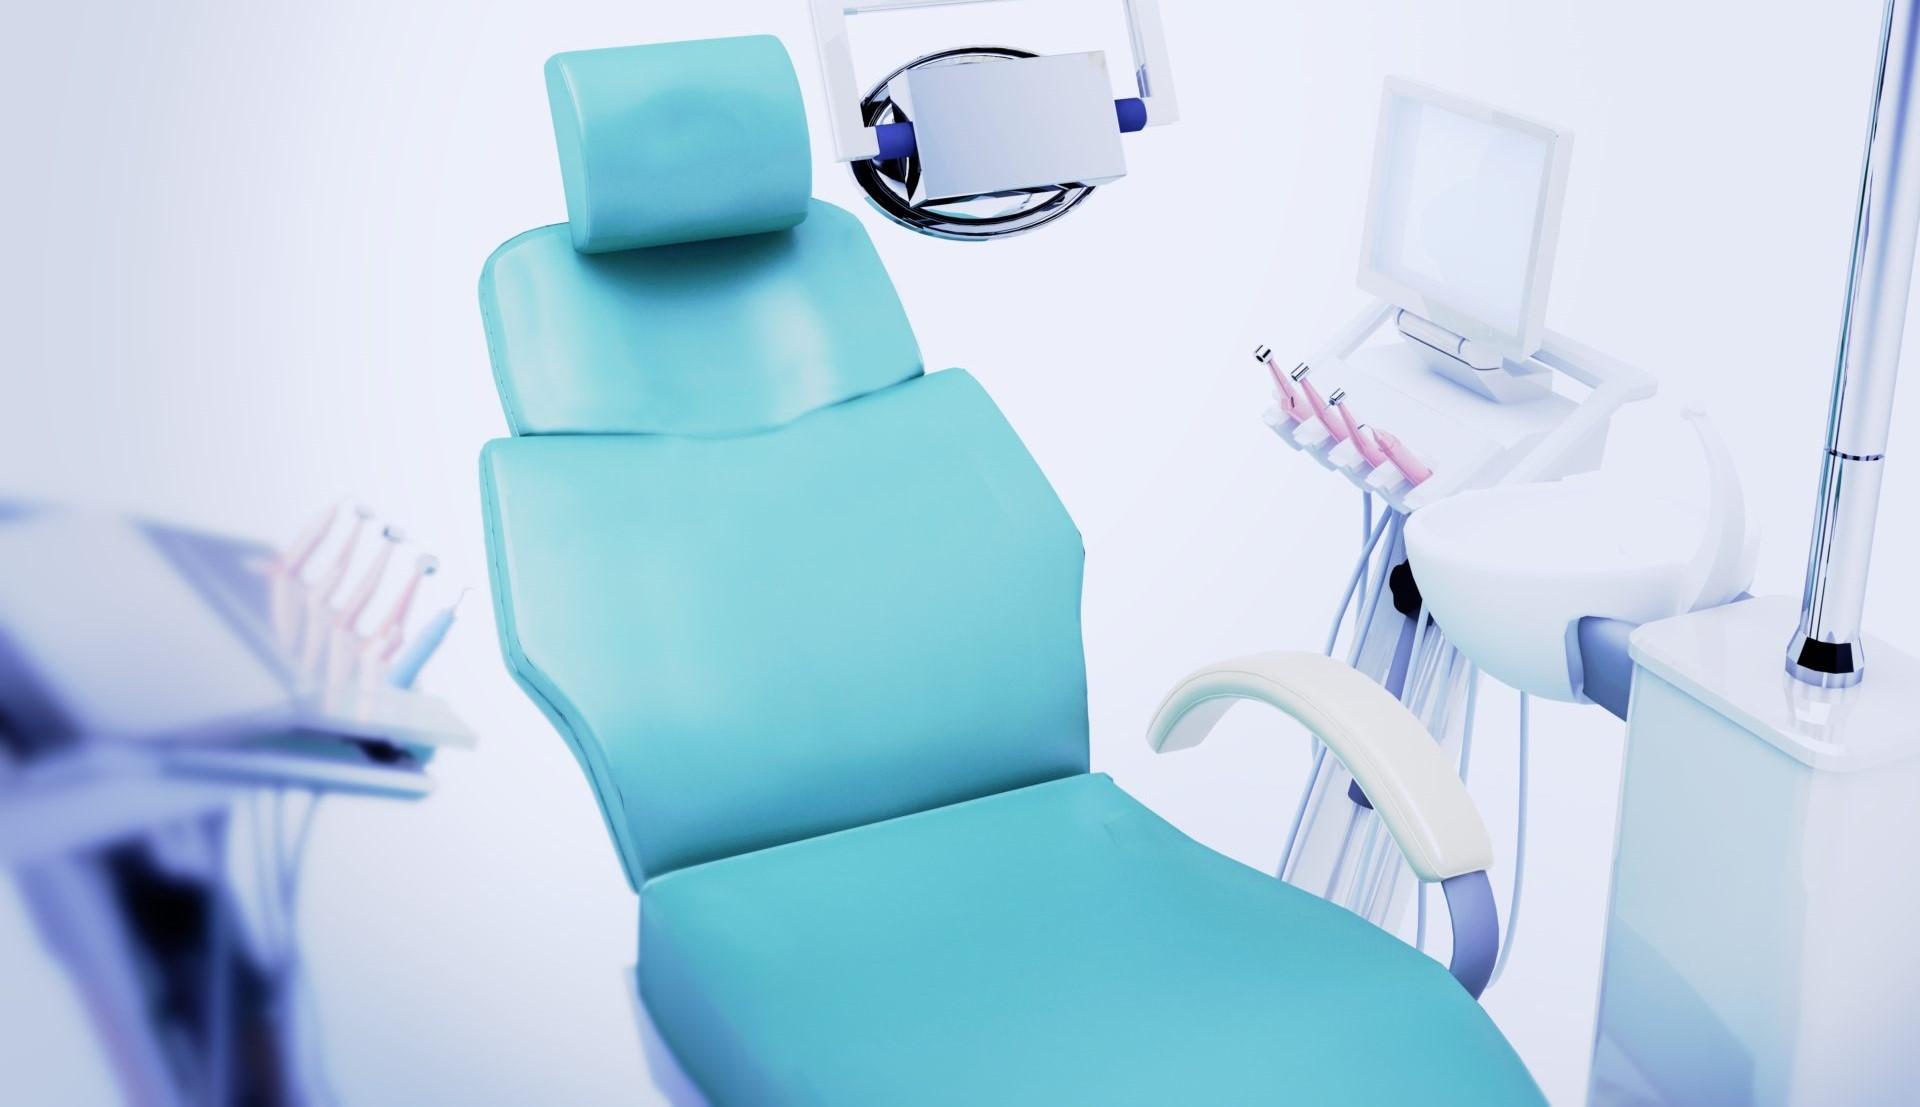 poltrona dentista come è fatta come funziona